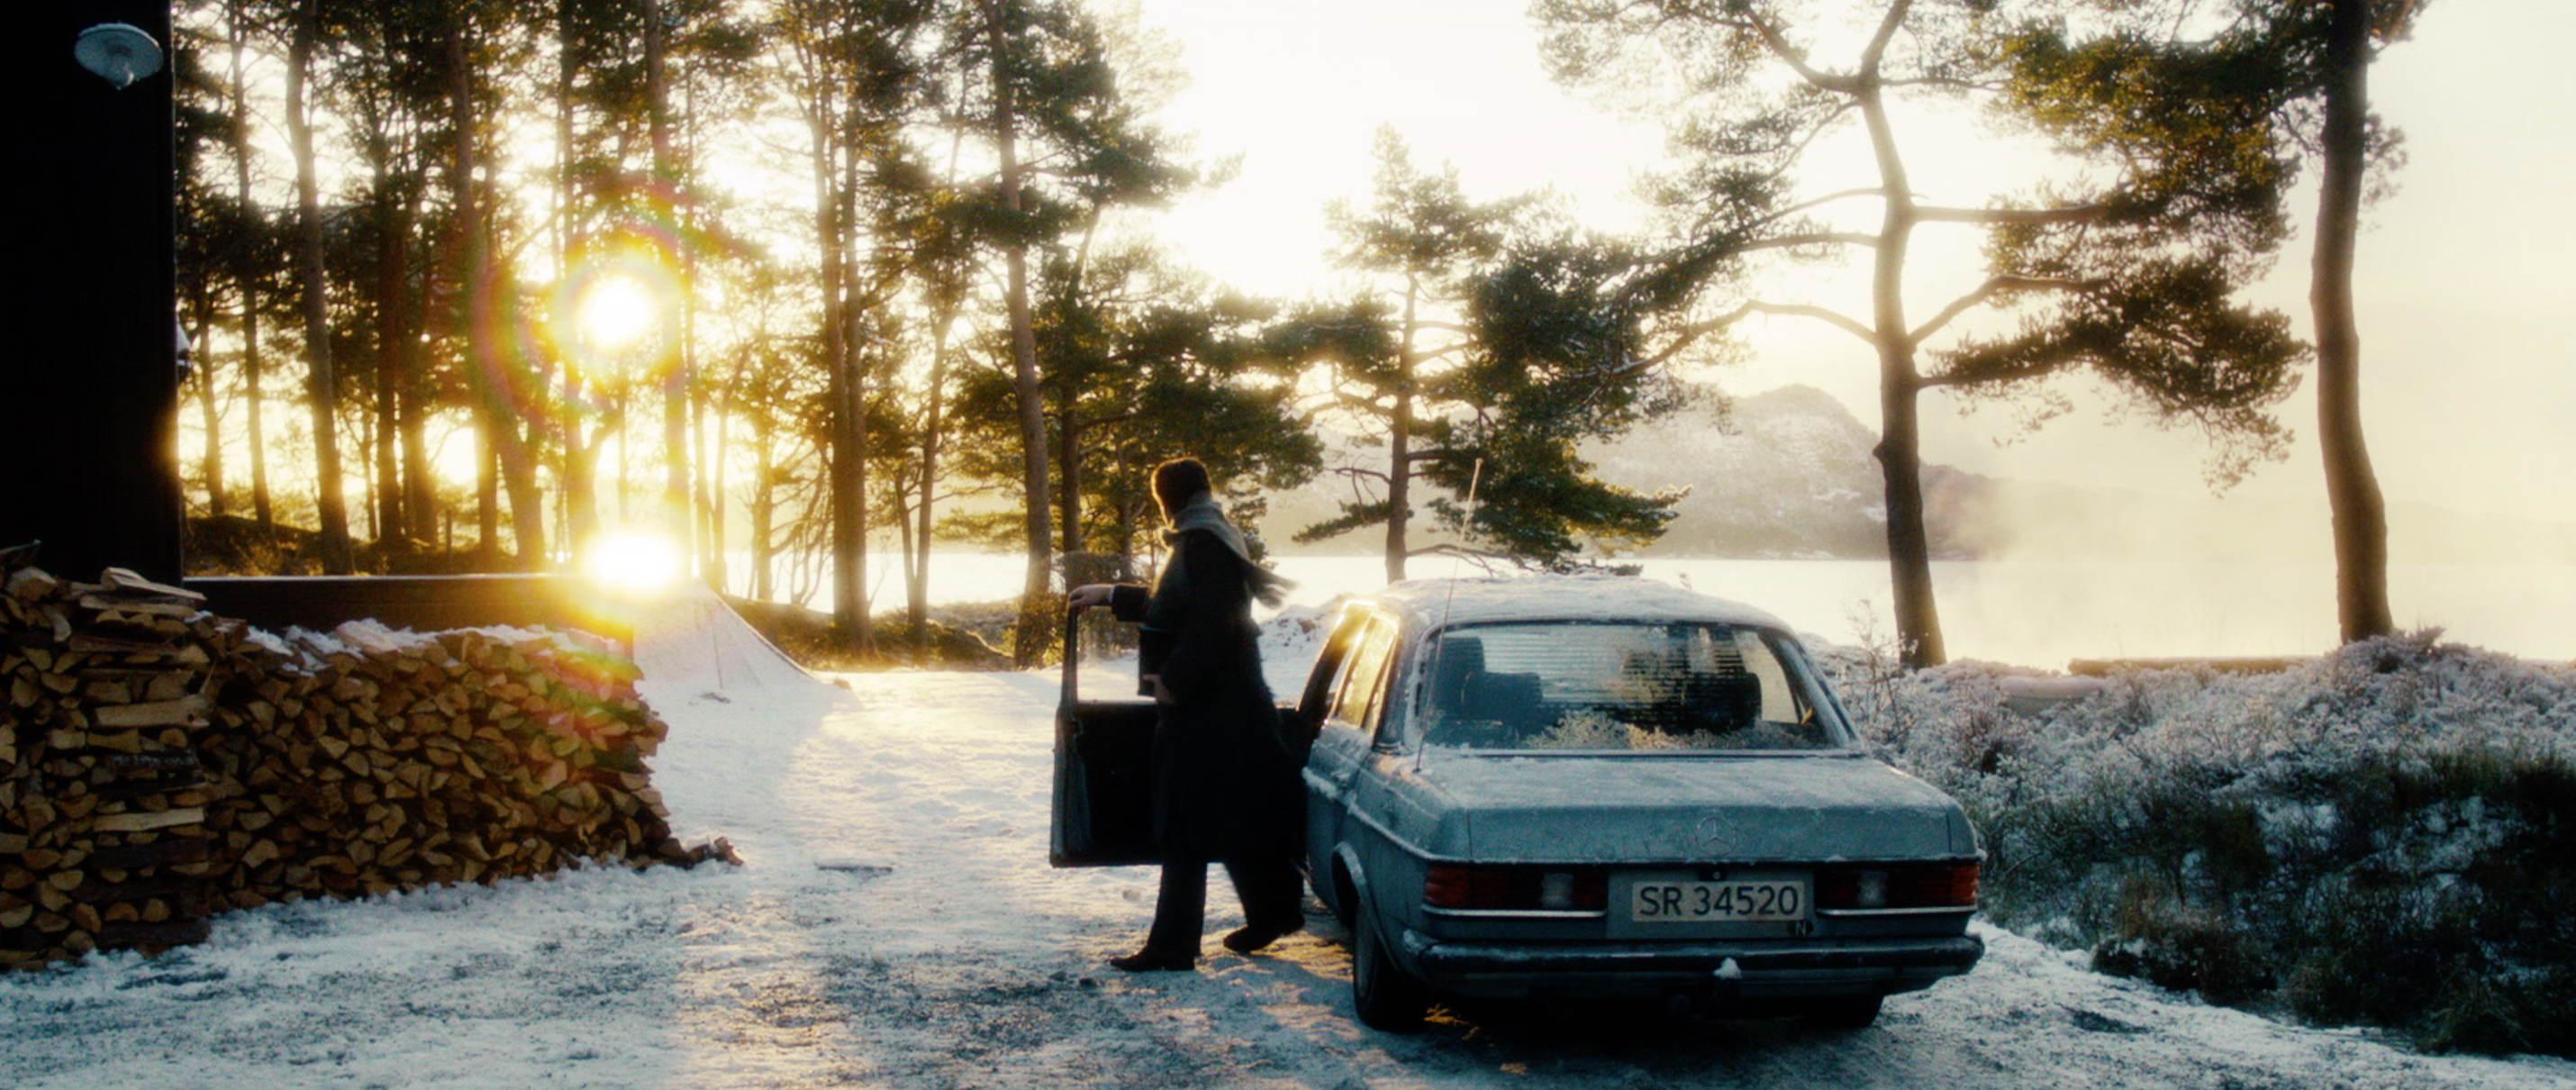 Zwei Leben - Two Lives - Katrine im verschneiten Wald - Regie Georg Maas - Regie und Kamera Judith Kaufmann